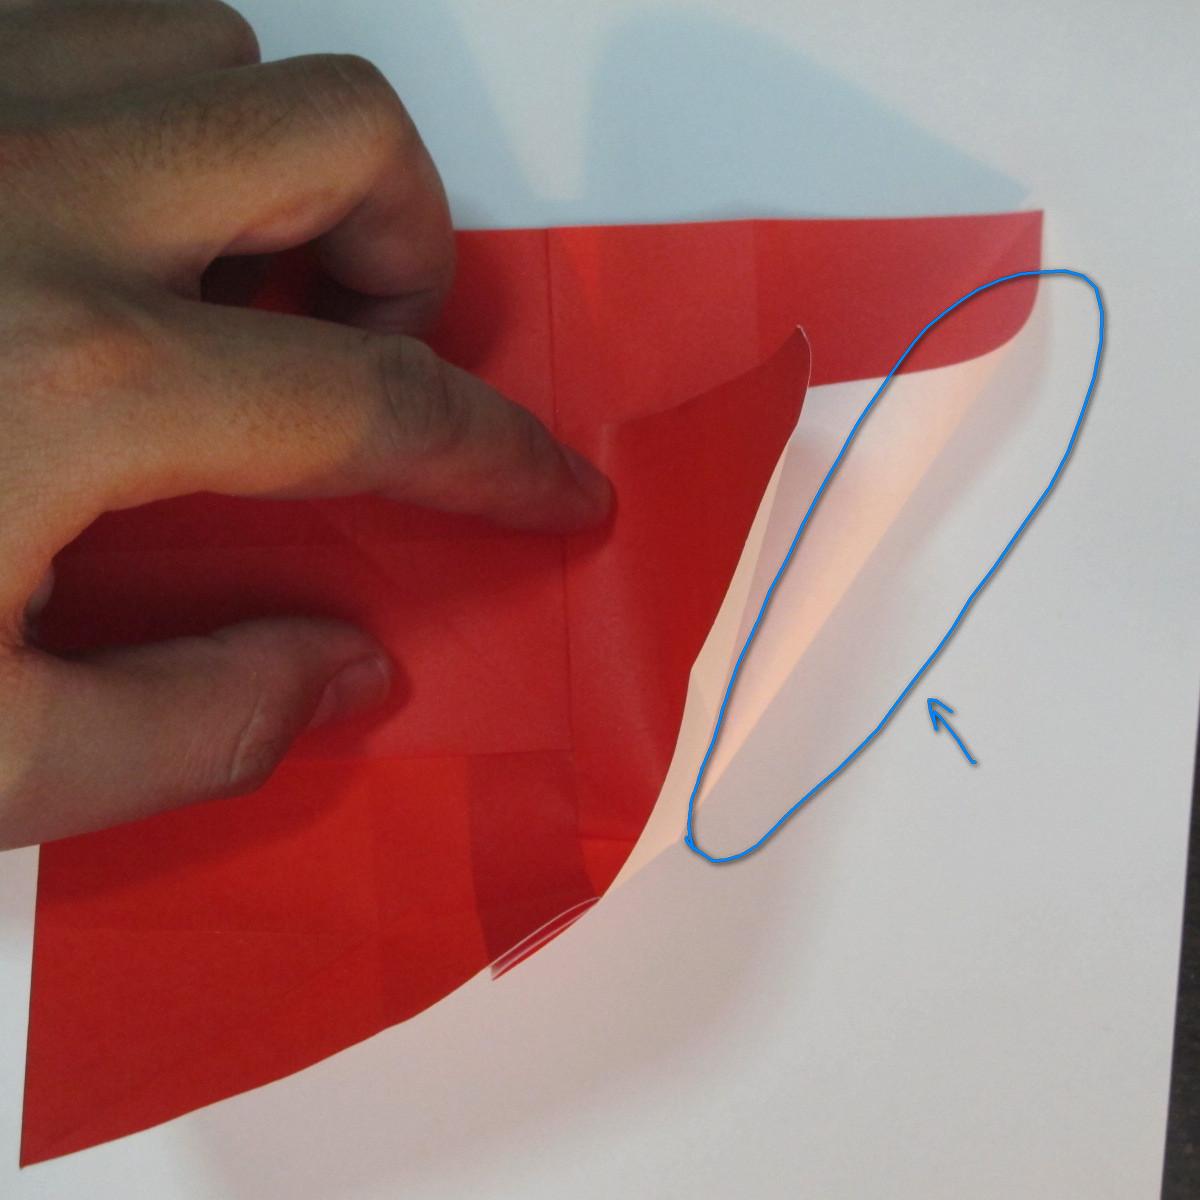 วิธีพับกระดาษพับดอกกุหลาบ 028